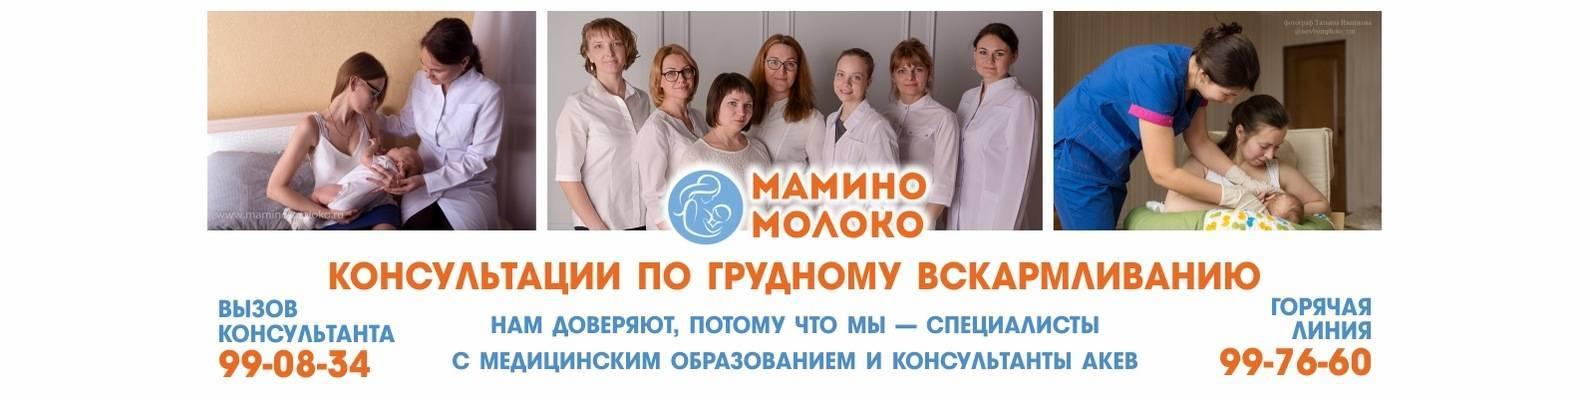 Консультанты по грудному вскармливанию (гв) в новосибирске: обзор по принципу «тайного покупателя» - грудное и искусственное вскармливание. прикорм